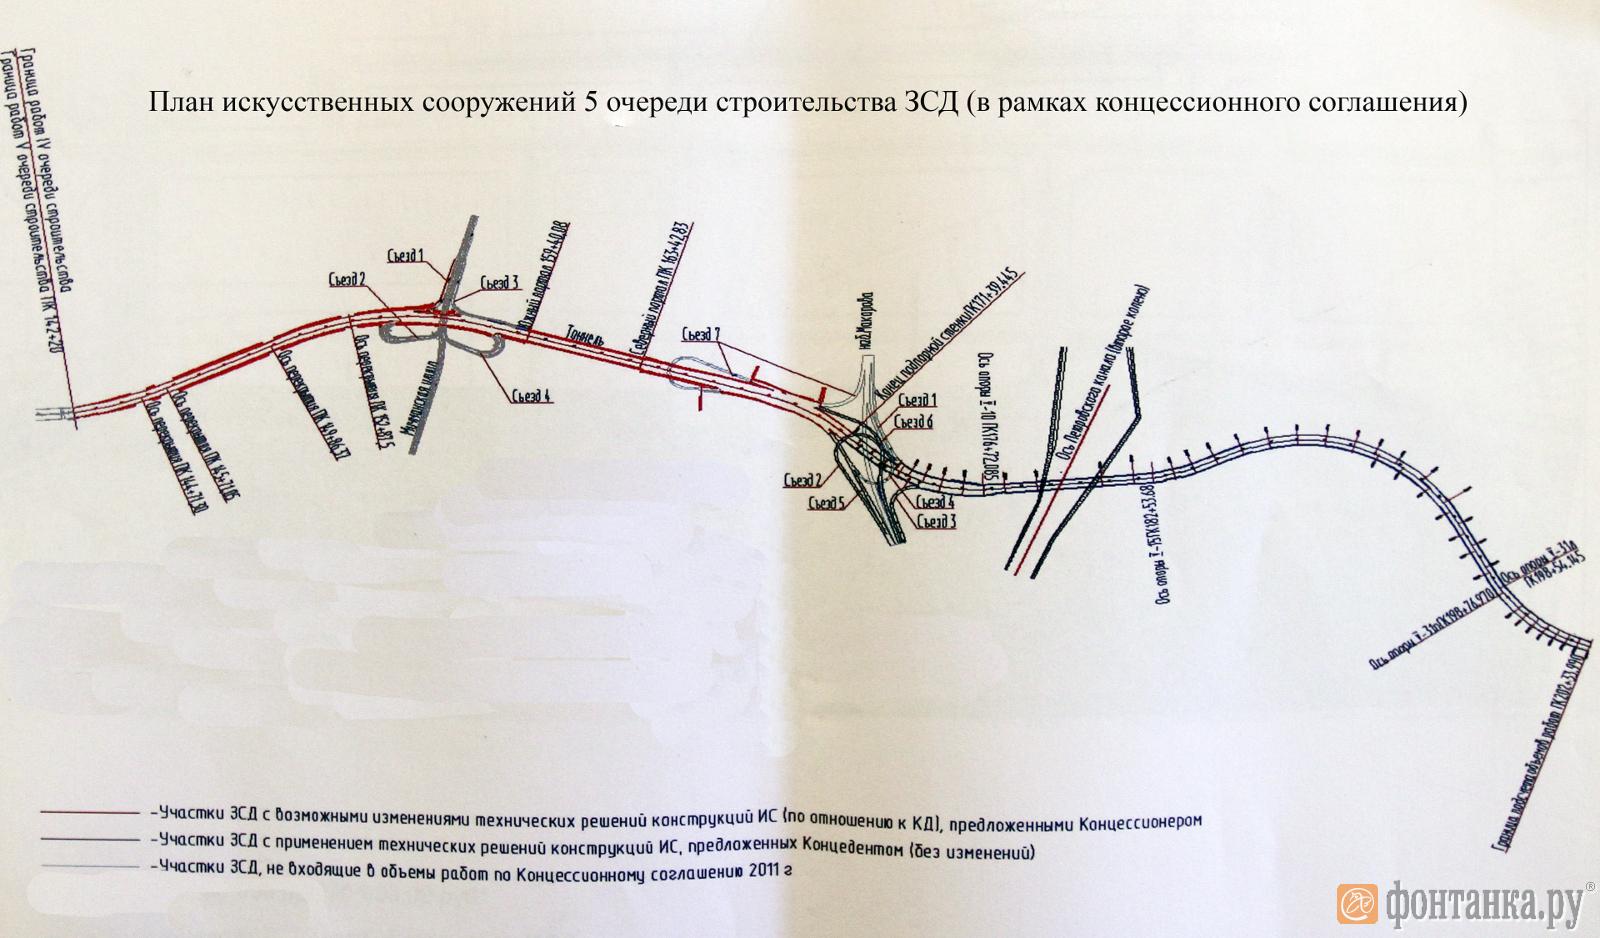 План искусственных сооружений 5-й очереди строительства ЗСД